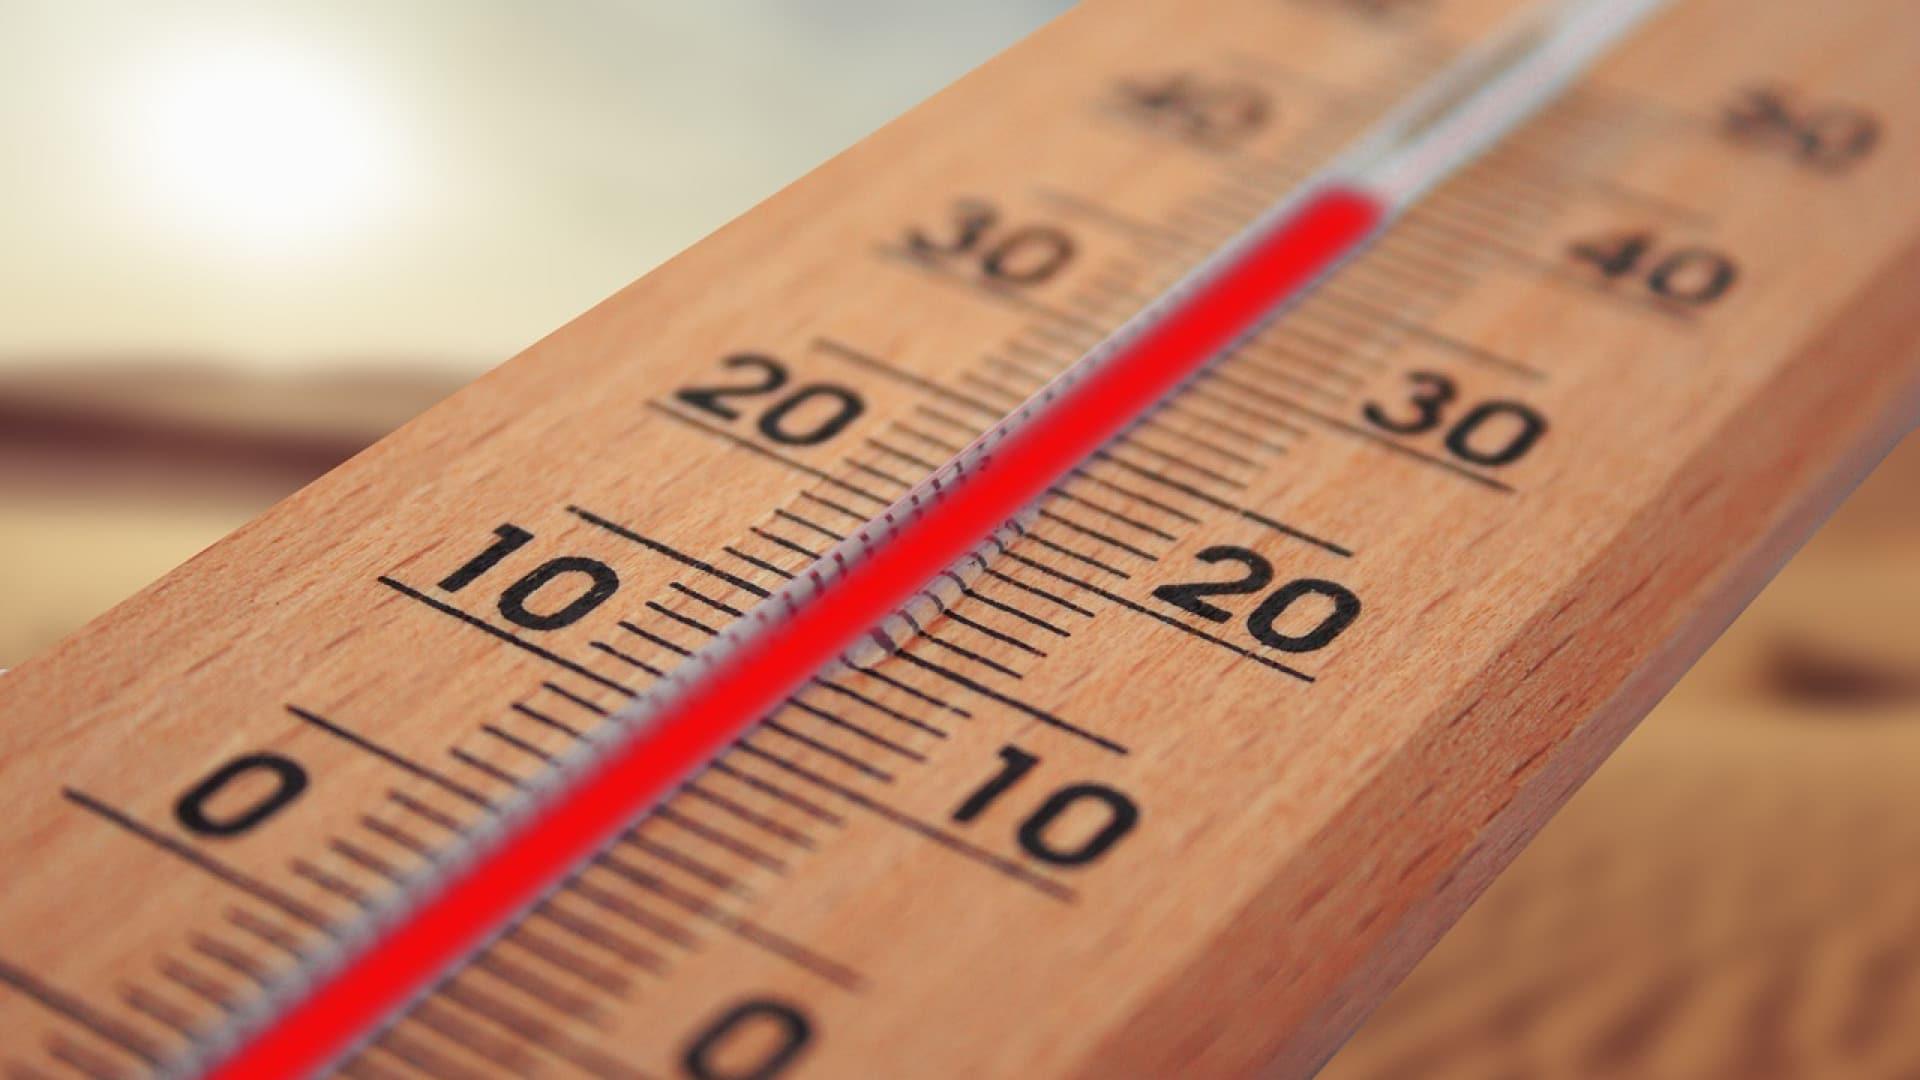 Choisissez le climatiseur Daikin pour améliorer votre quotidien